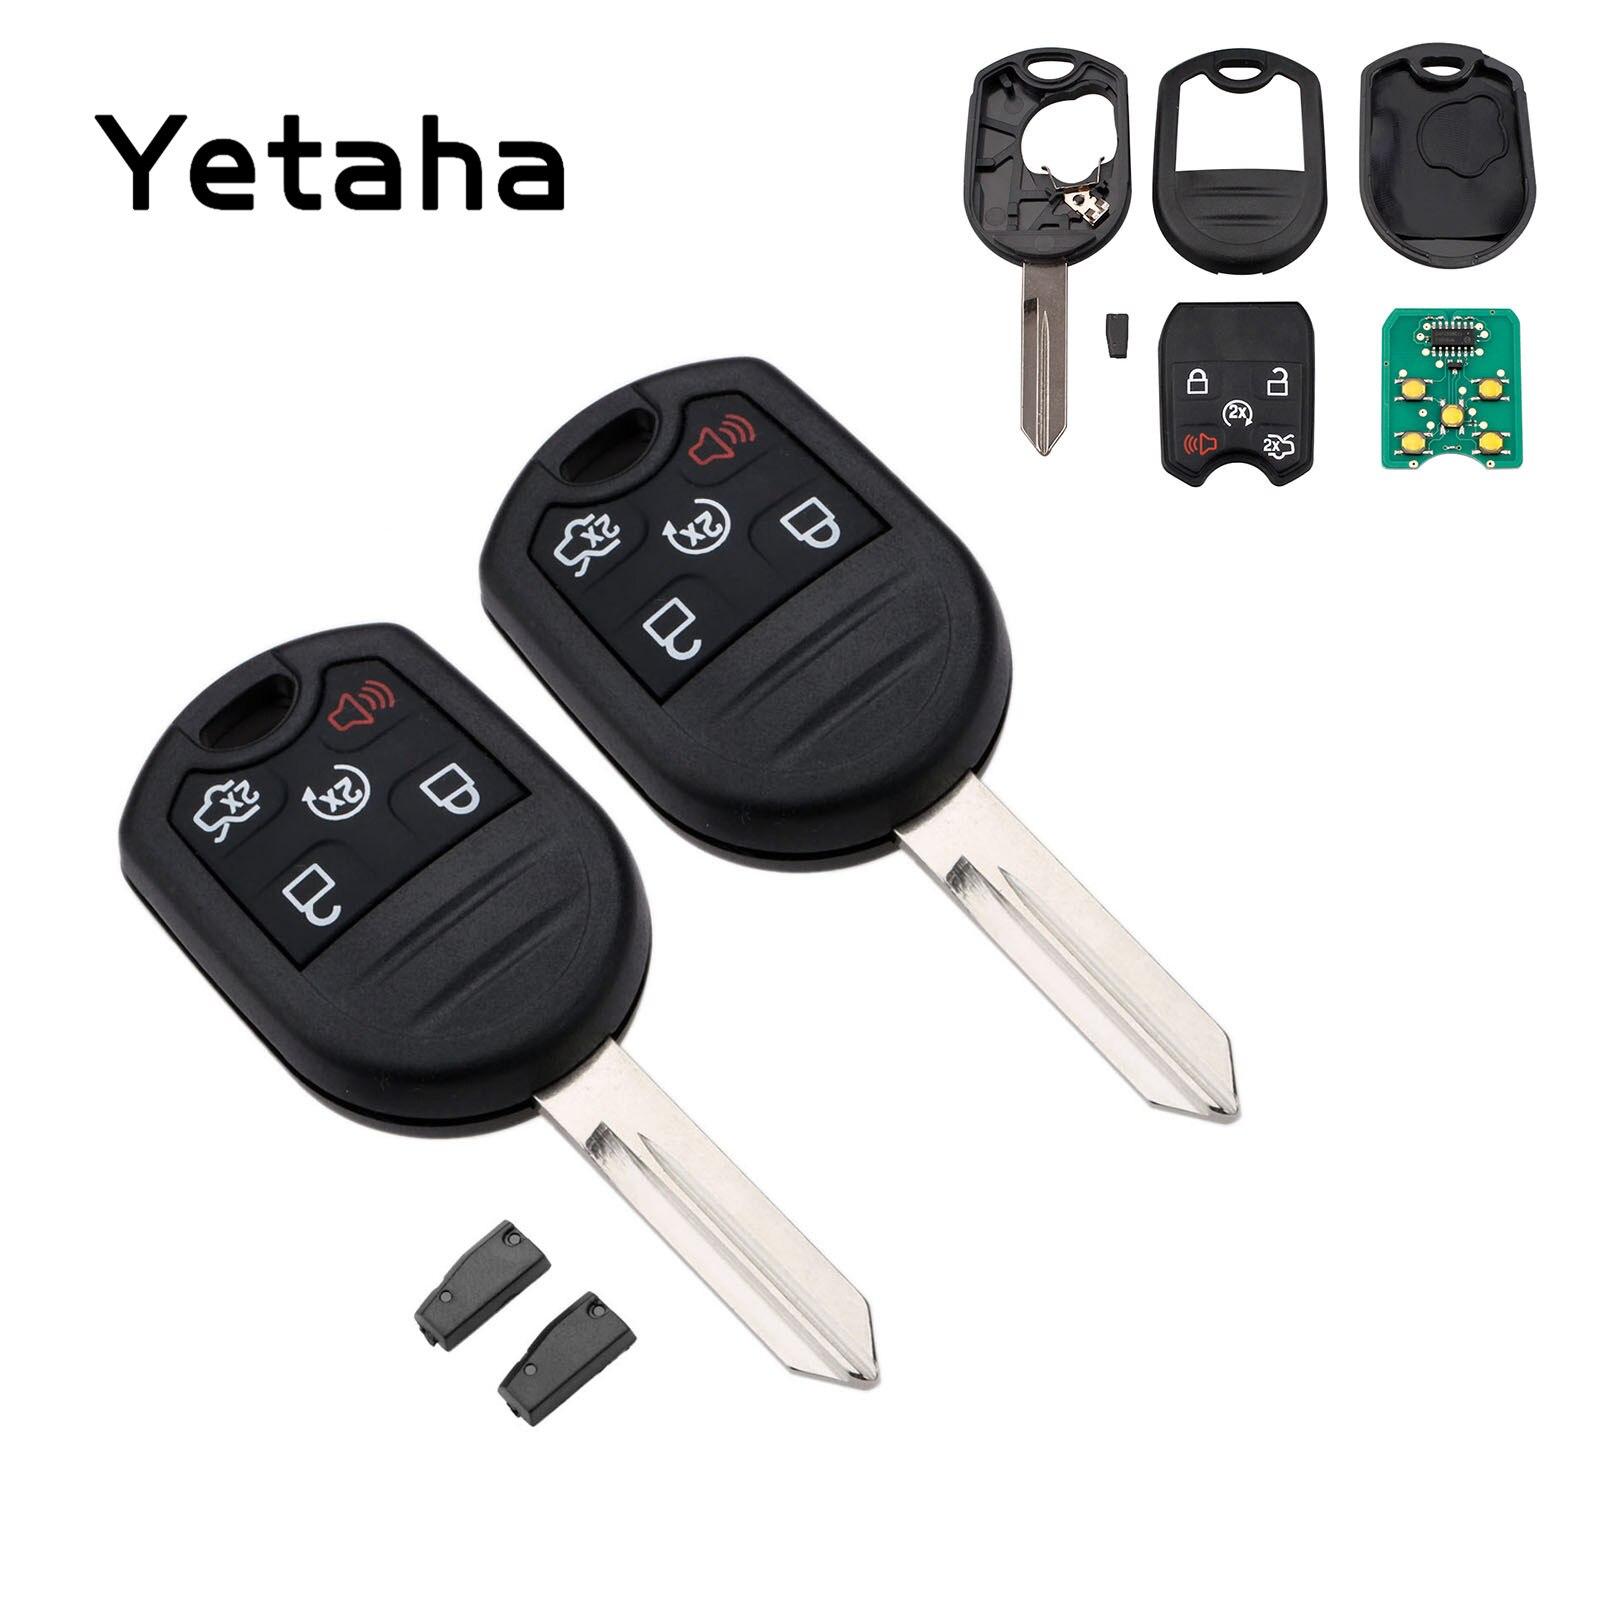 Yetaha 2 pièces 5 bouton 315 MHZ télécommande clé pour Ford Explorer Edge Flex Focus Fusion Lincoln MKS MKX 4D63 puce lame non coupée CWTWB1U793